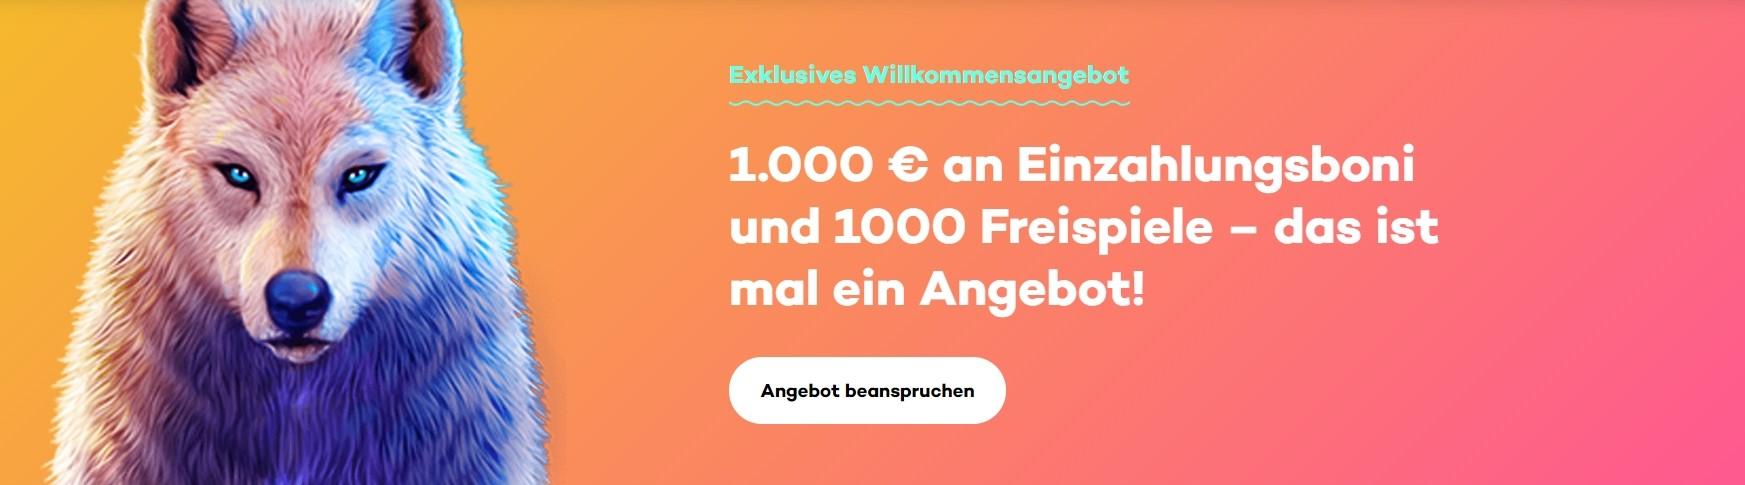 21.com Casino Willkommensbonus